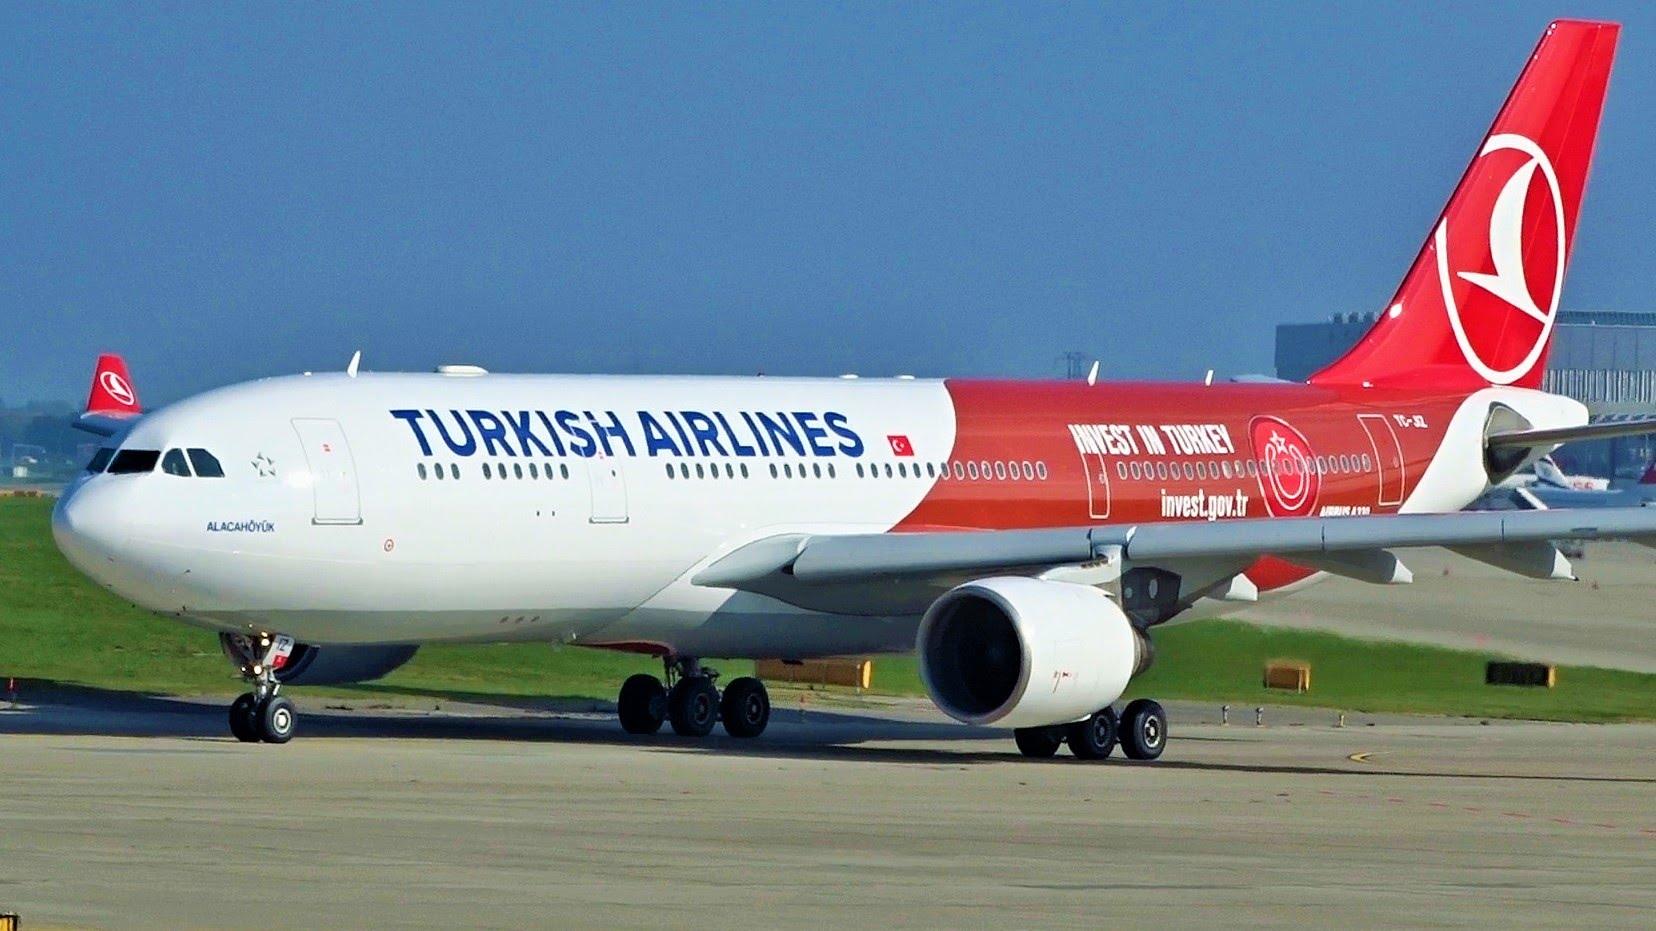 turk5b